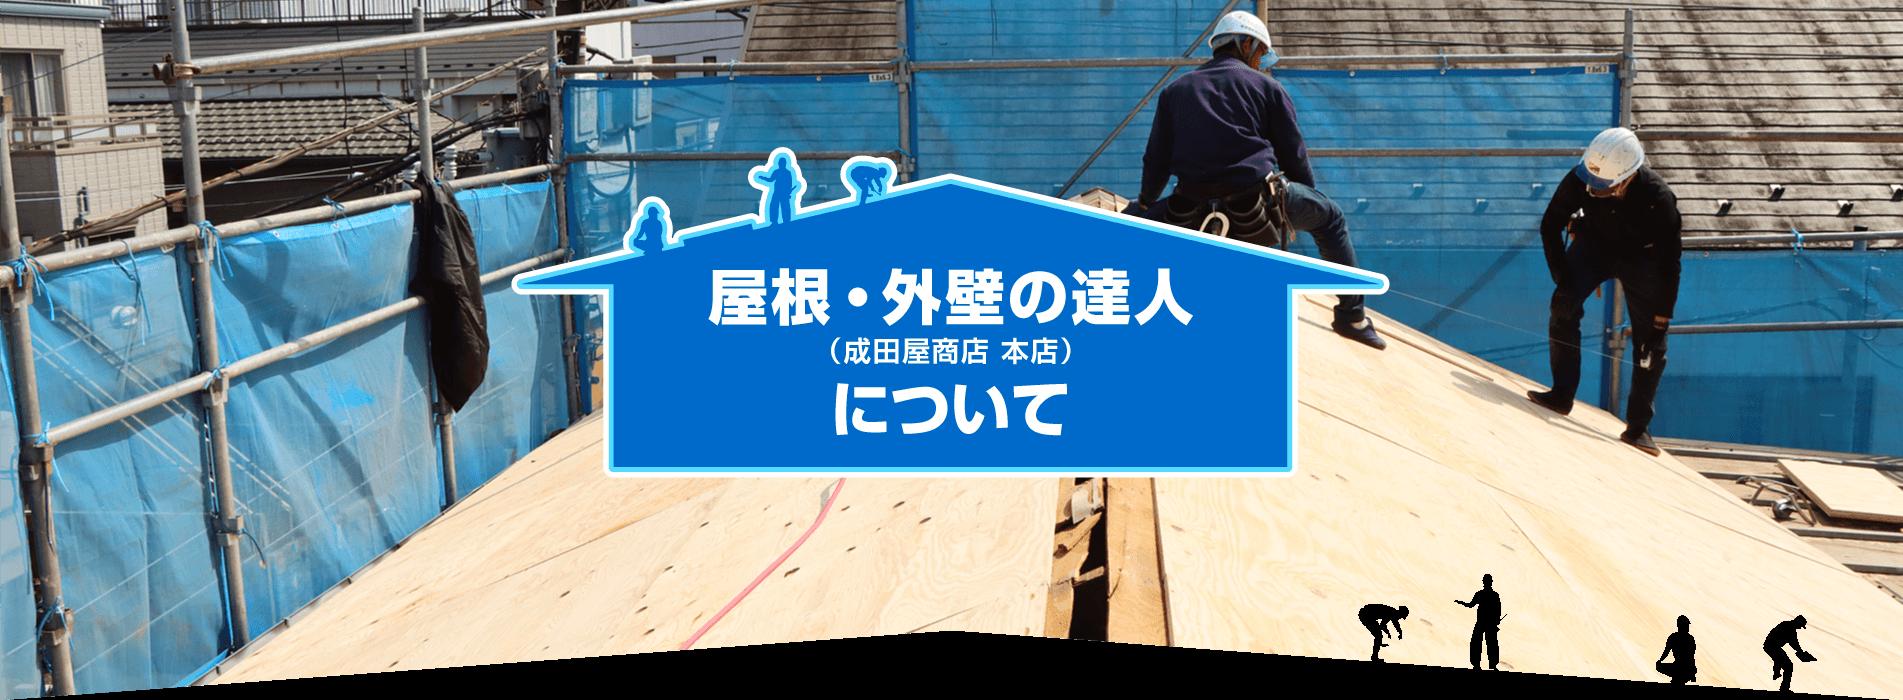 屋根・外壁の達人(成田屋商店 本店)について